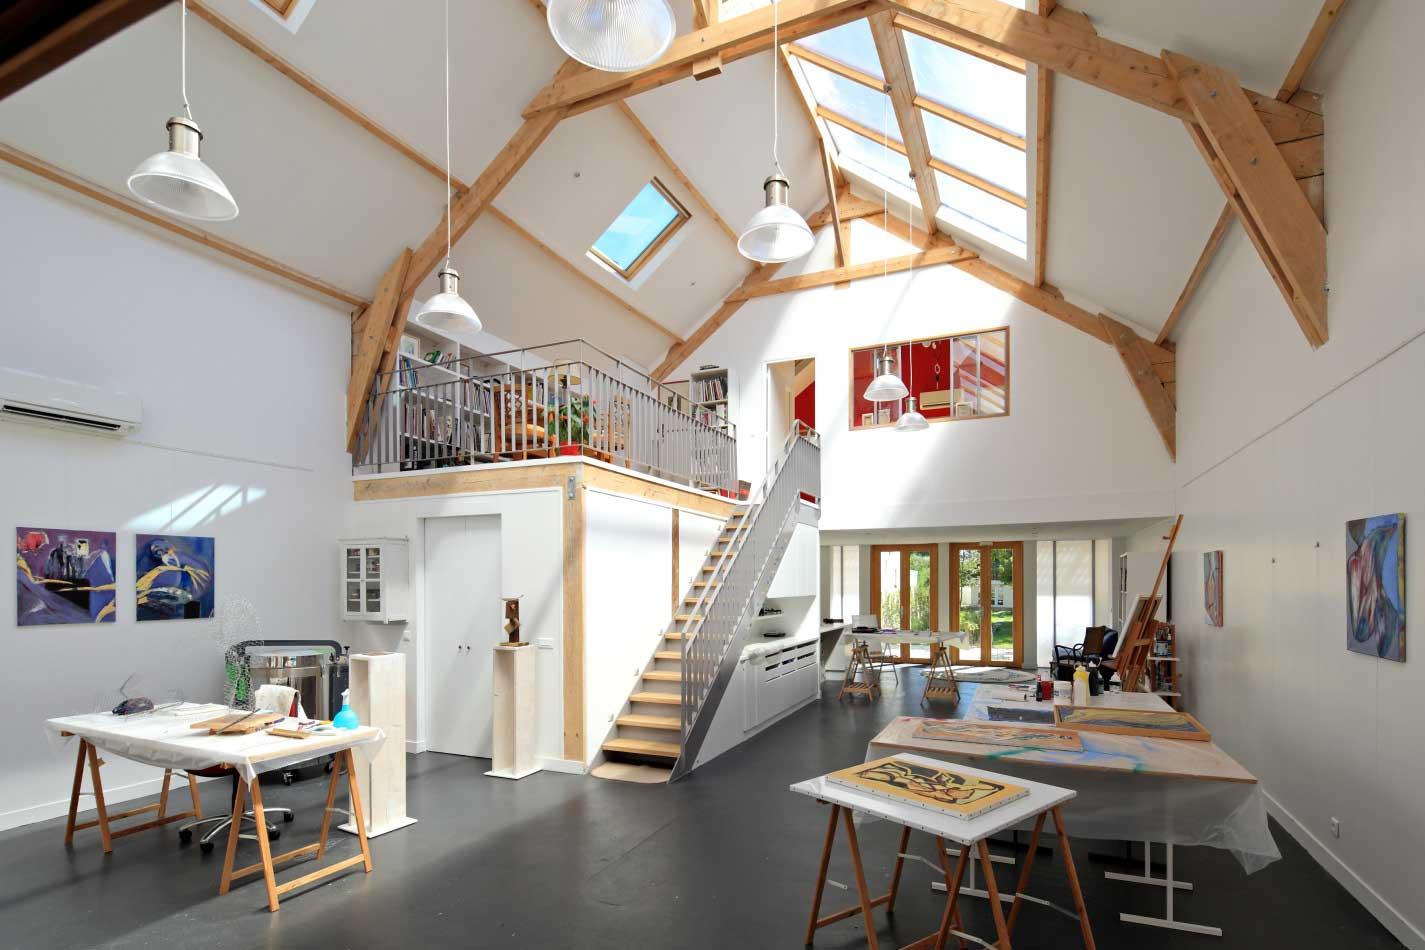 Ateliers d 39 artistes par t design architecture for Loft et atelier